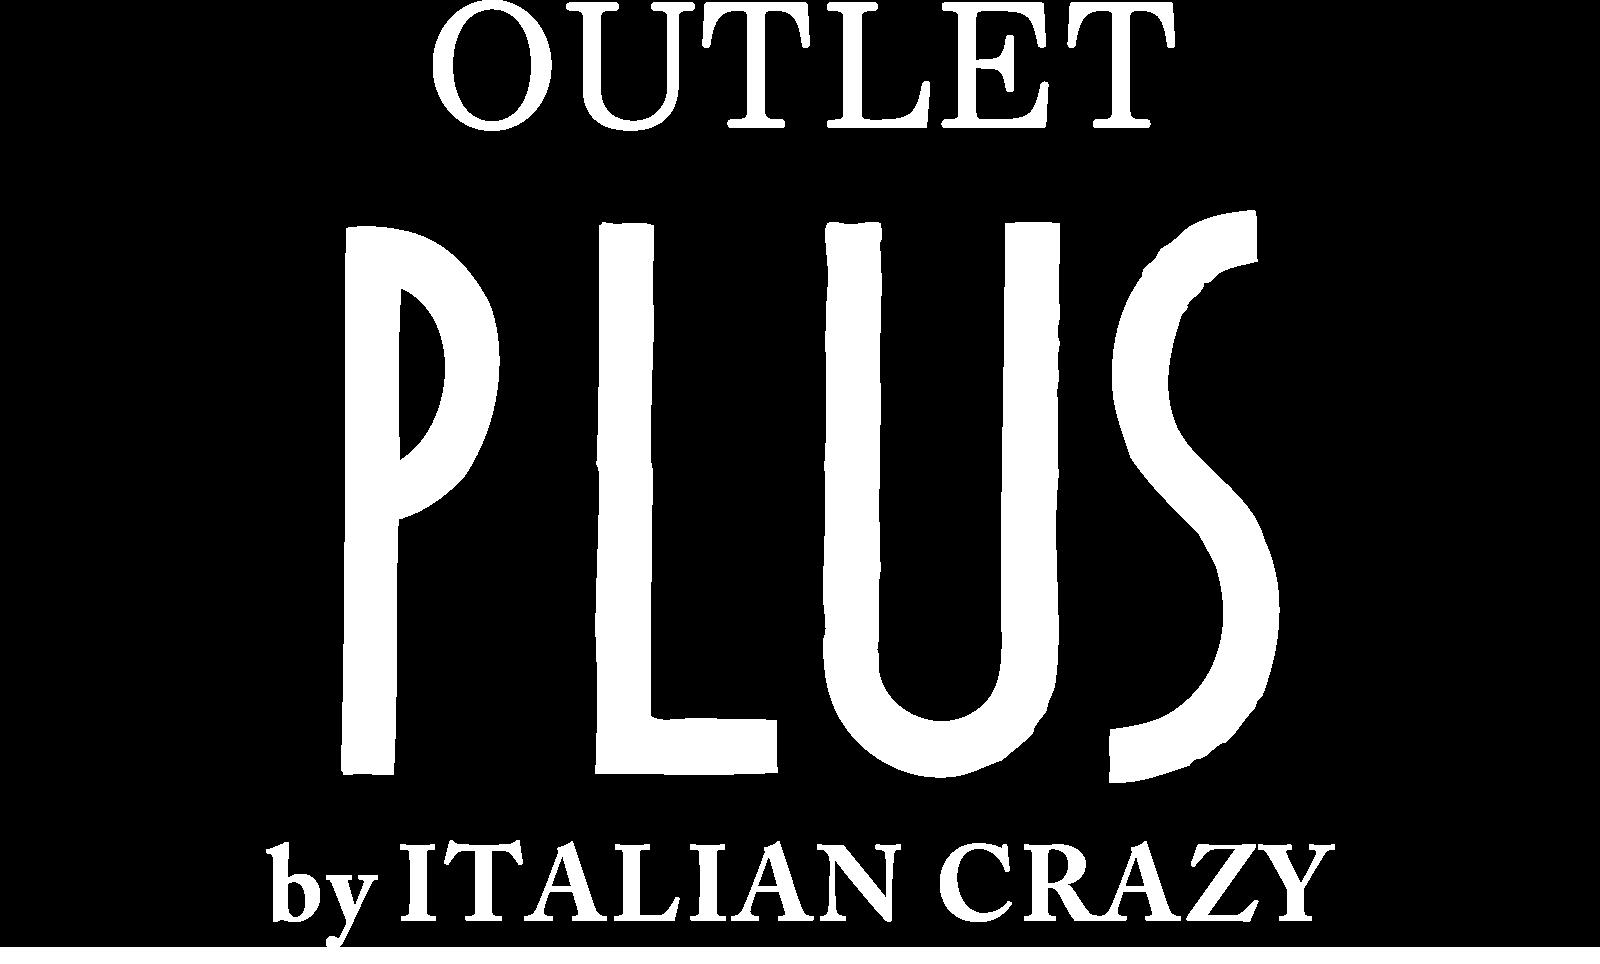 愛知・豊橋のアウトレットストア『OUTLET PLUS(アウトレットプラス)』